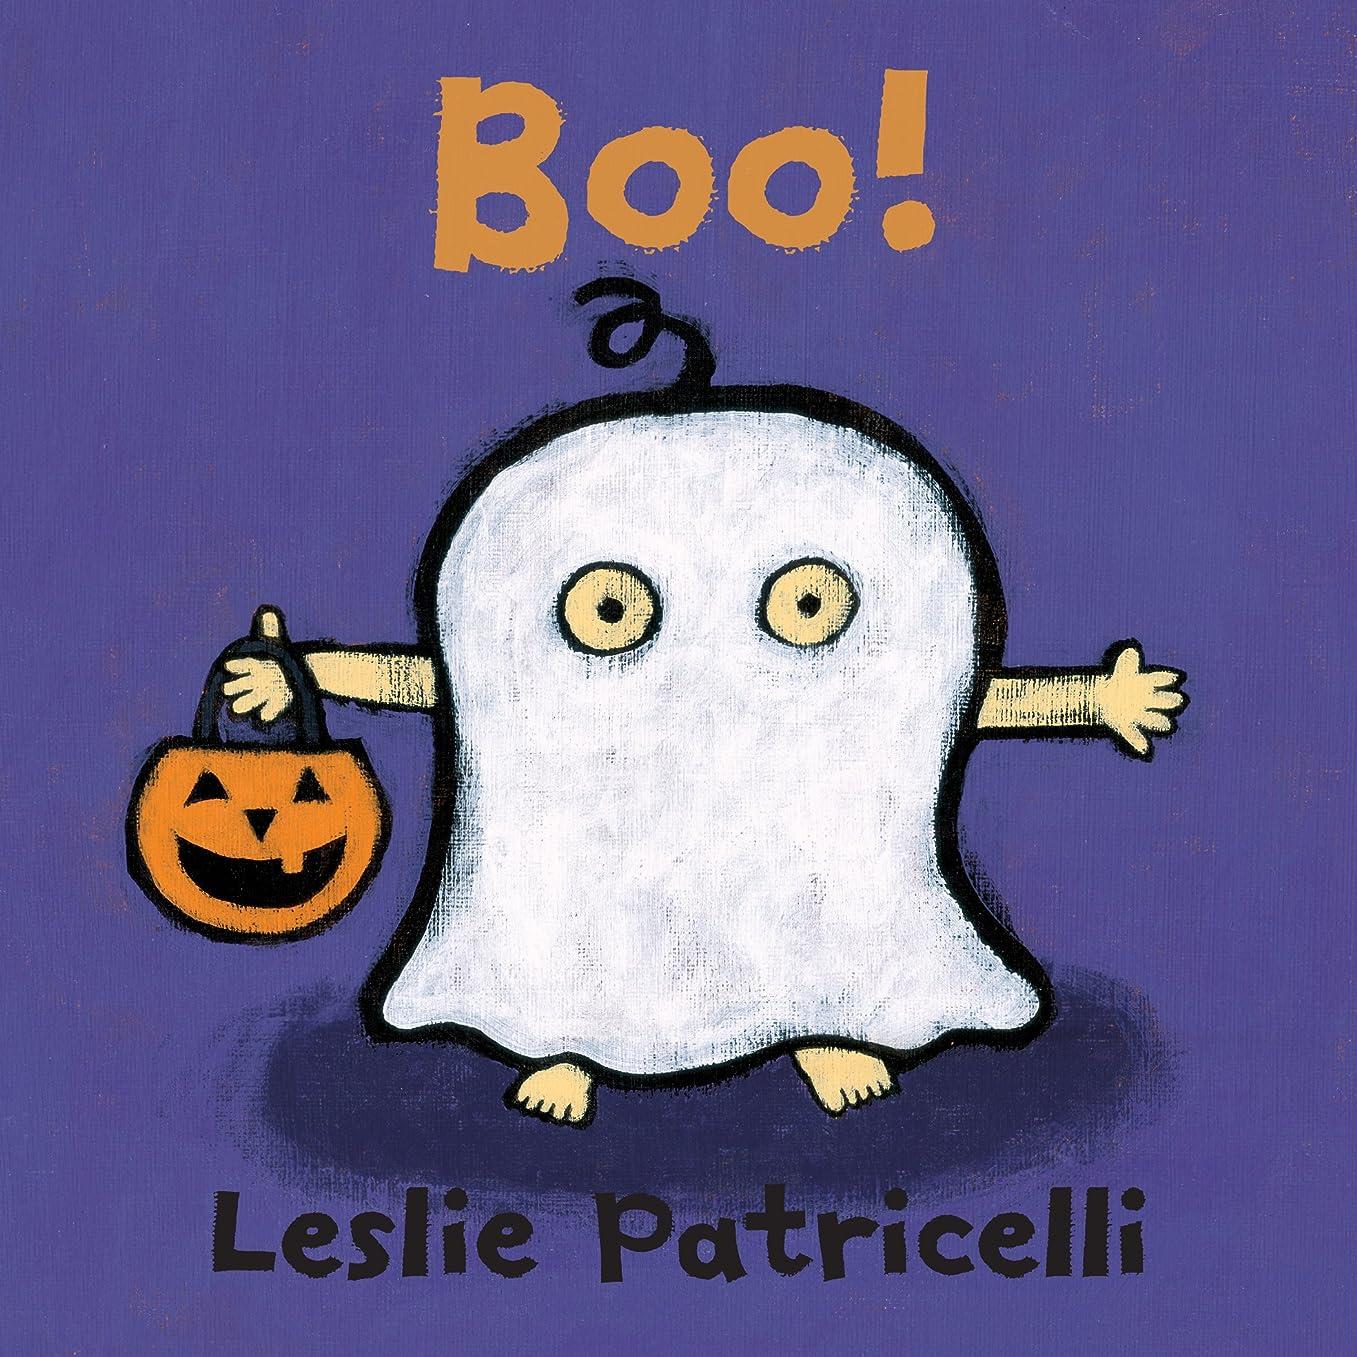 成長チャーム対称Boo! (Leslie Patricelli Board Books) (English Edition)